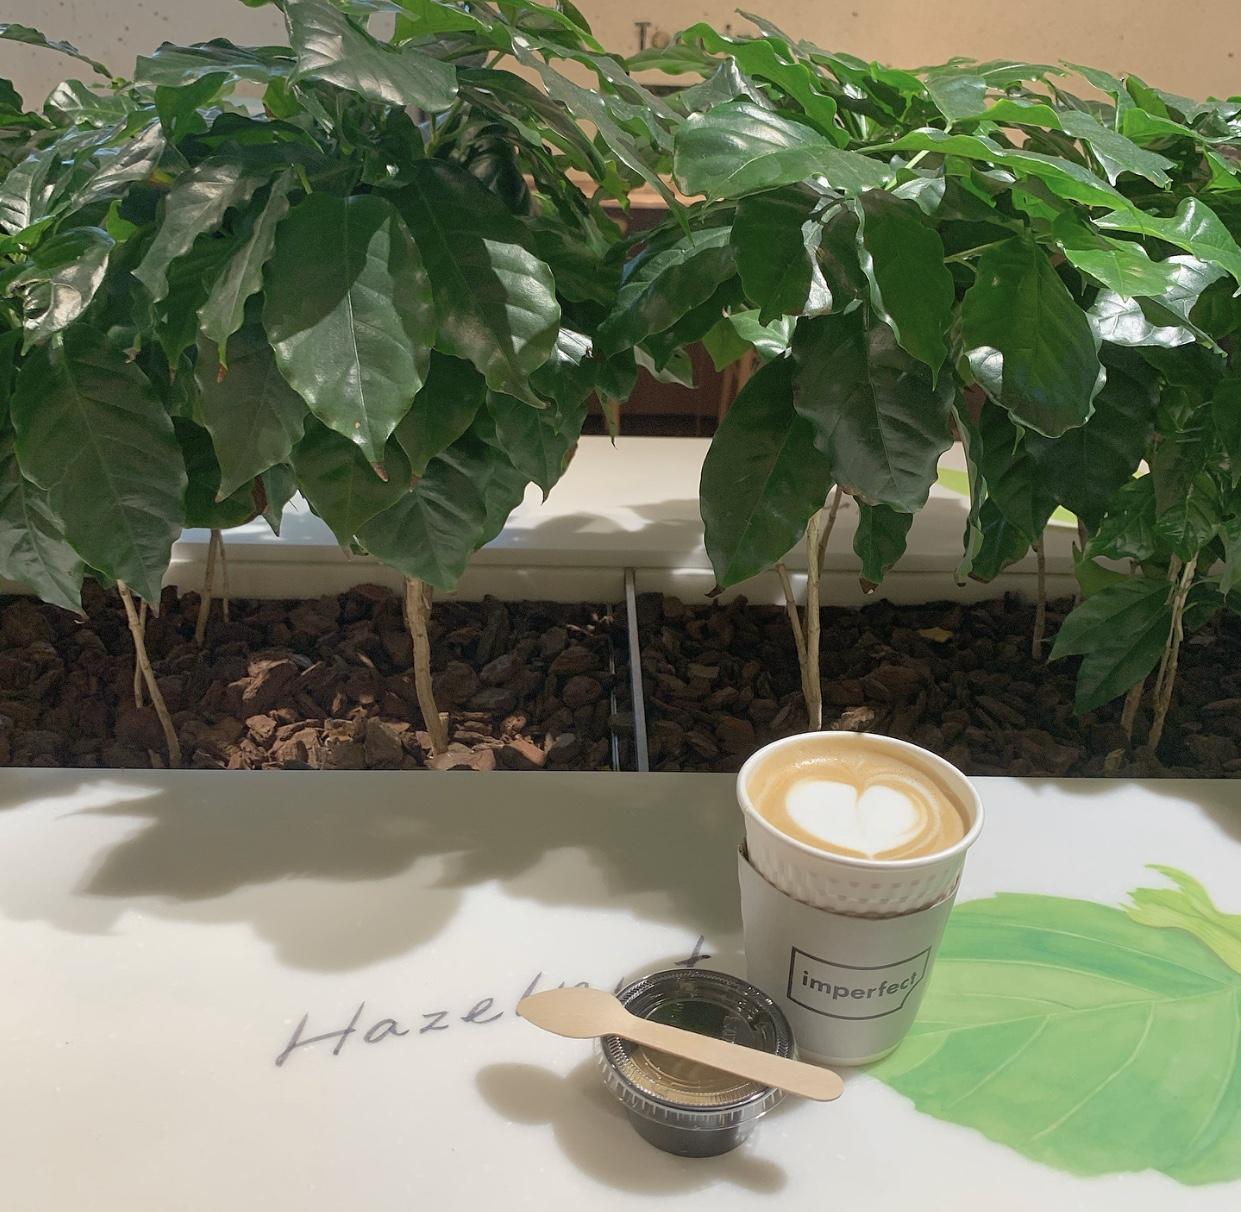 【表参道カフェ】ウェルフードマーケット&カフェに行ってきました✩*॰¨̮_4